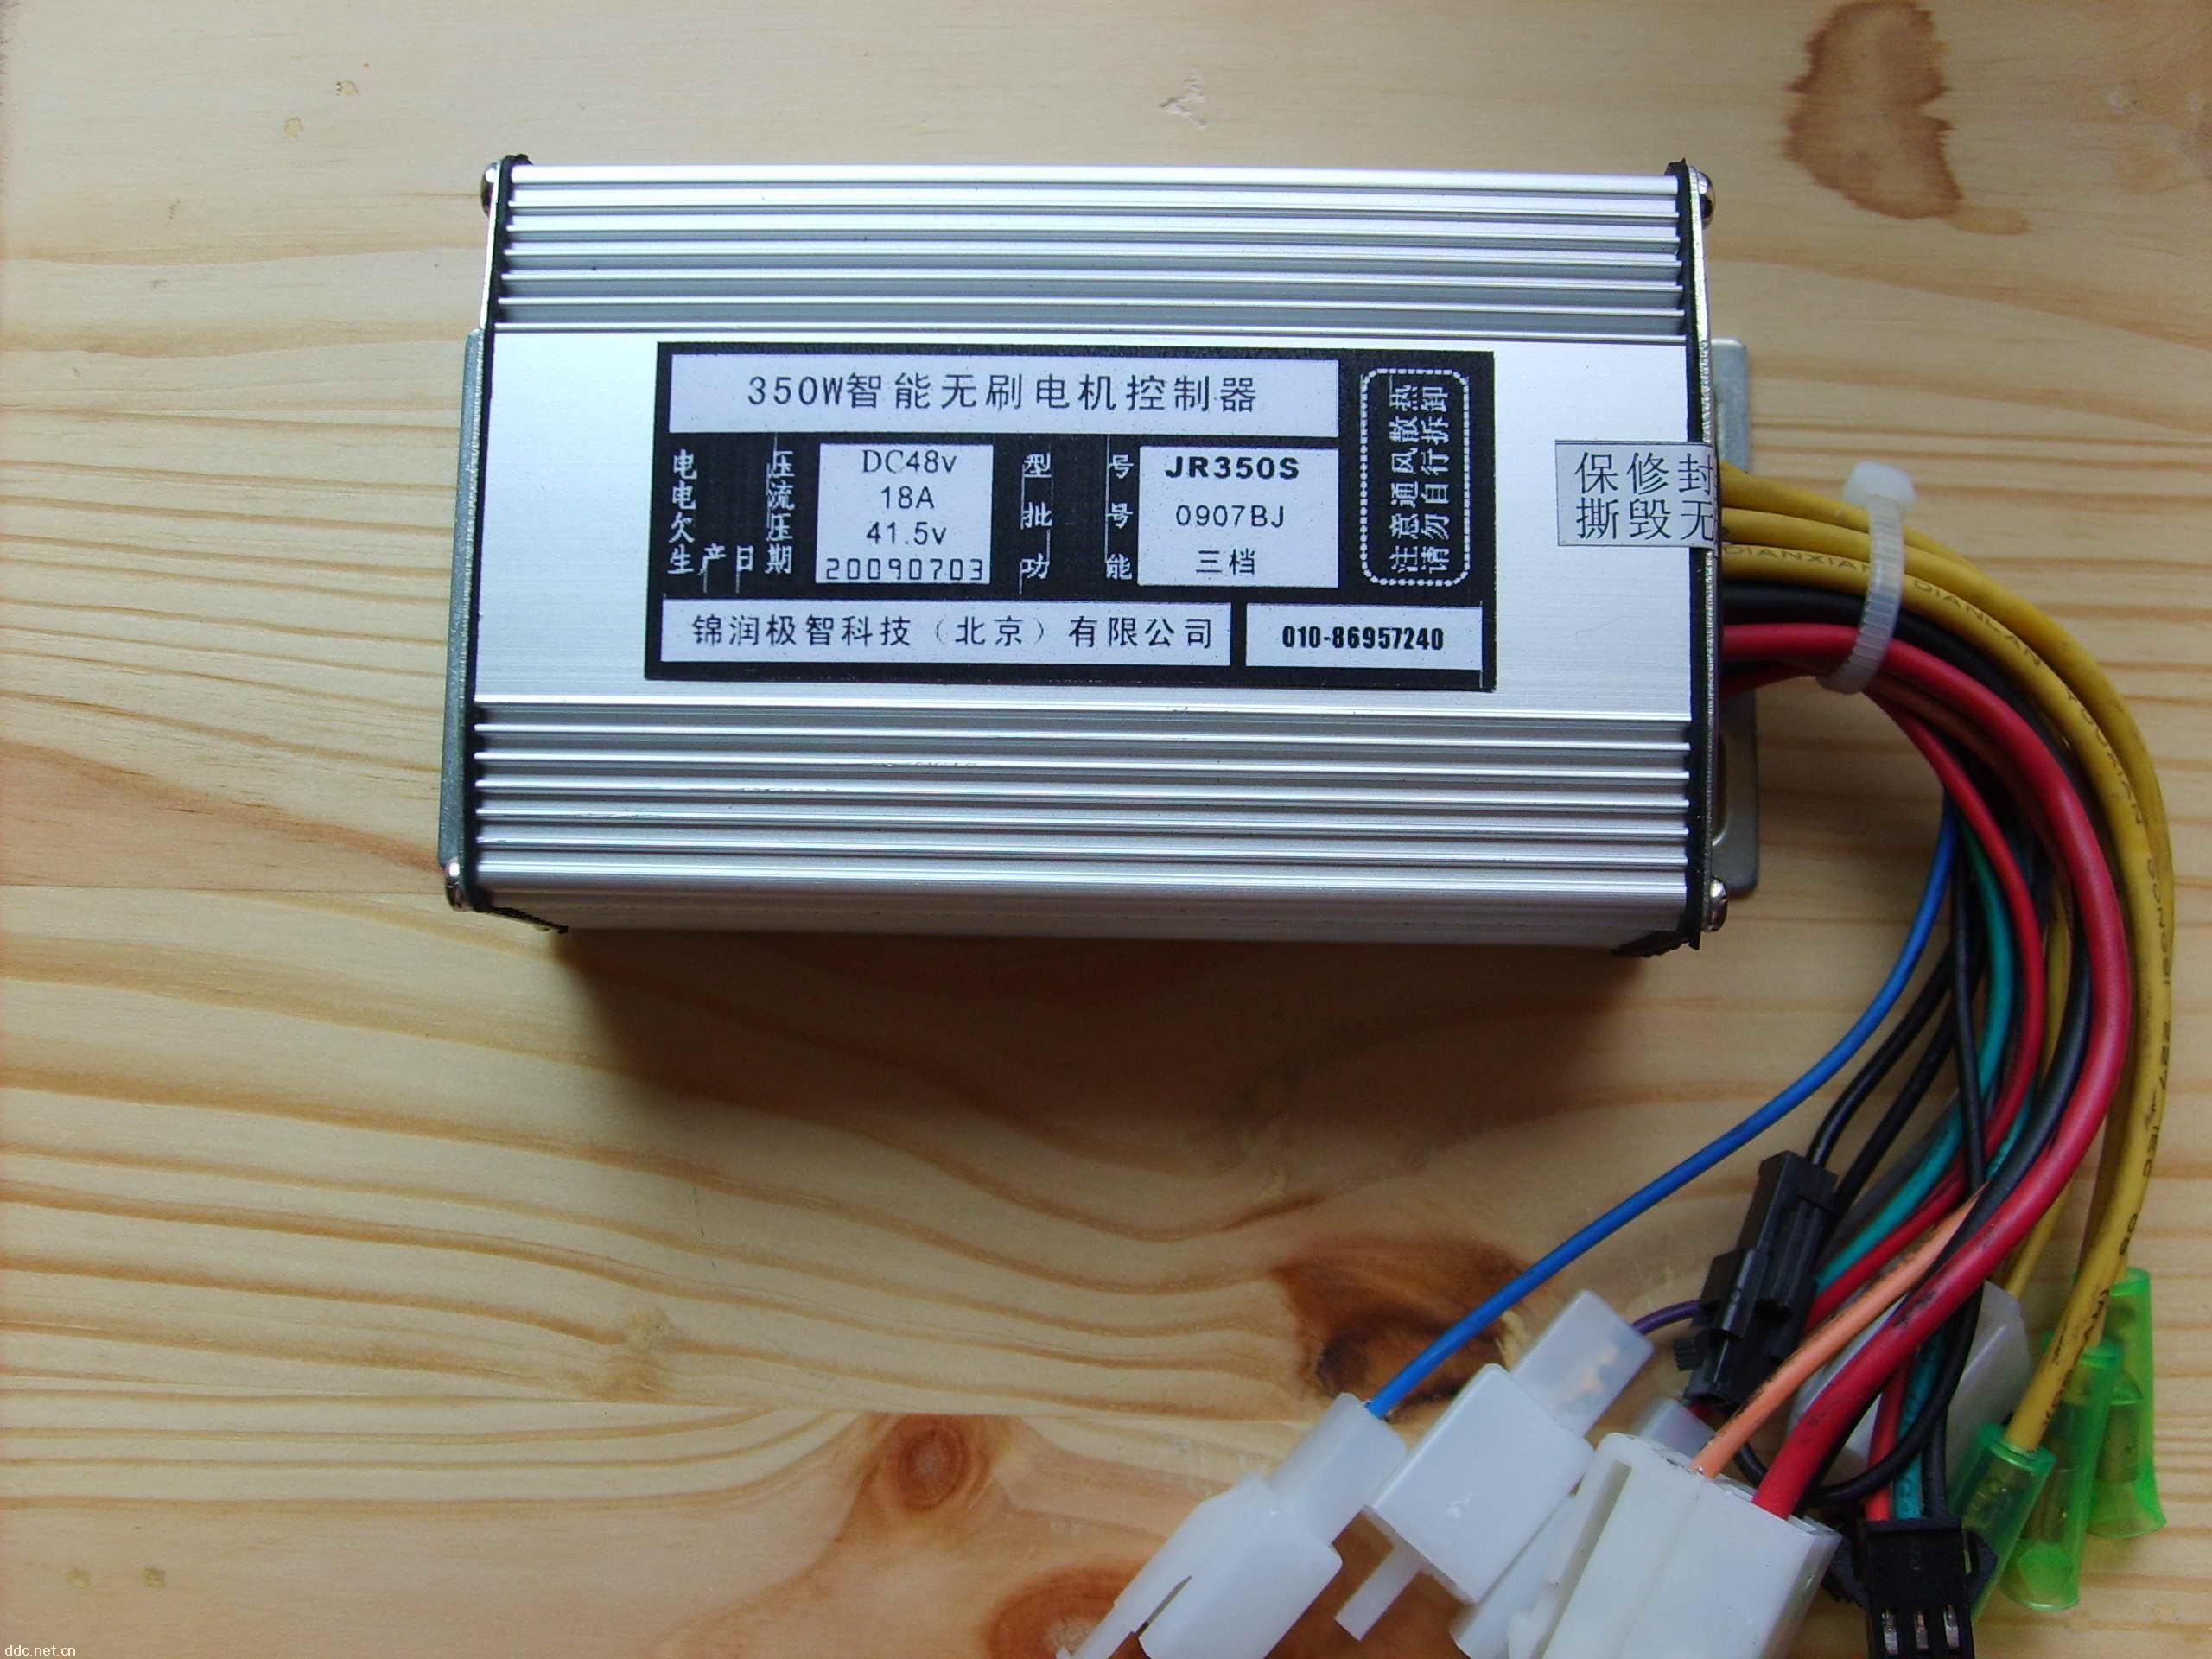 14. 堵转、过流保护功能:自动判断电机在过流时是处于完全堵转状态还是在运行状态或电机短路状态,如过流时是处于运行状态,控制器将限流值设定在固定值,以保持整车的驱动能力;如电机处于纯堵转状态,则控制器2秒后将马达断电,起到保护电机和电池,节省电能;如电机处于短路状态,控制器将马达断电并接好线路,以确保控制器及电池的安全;